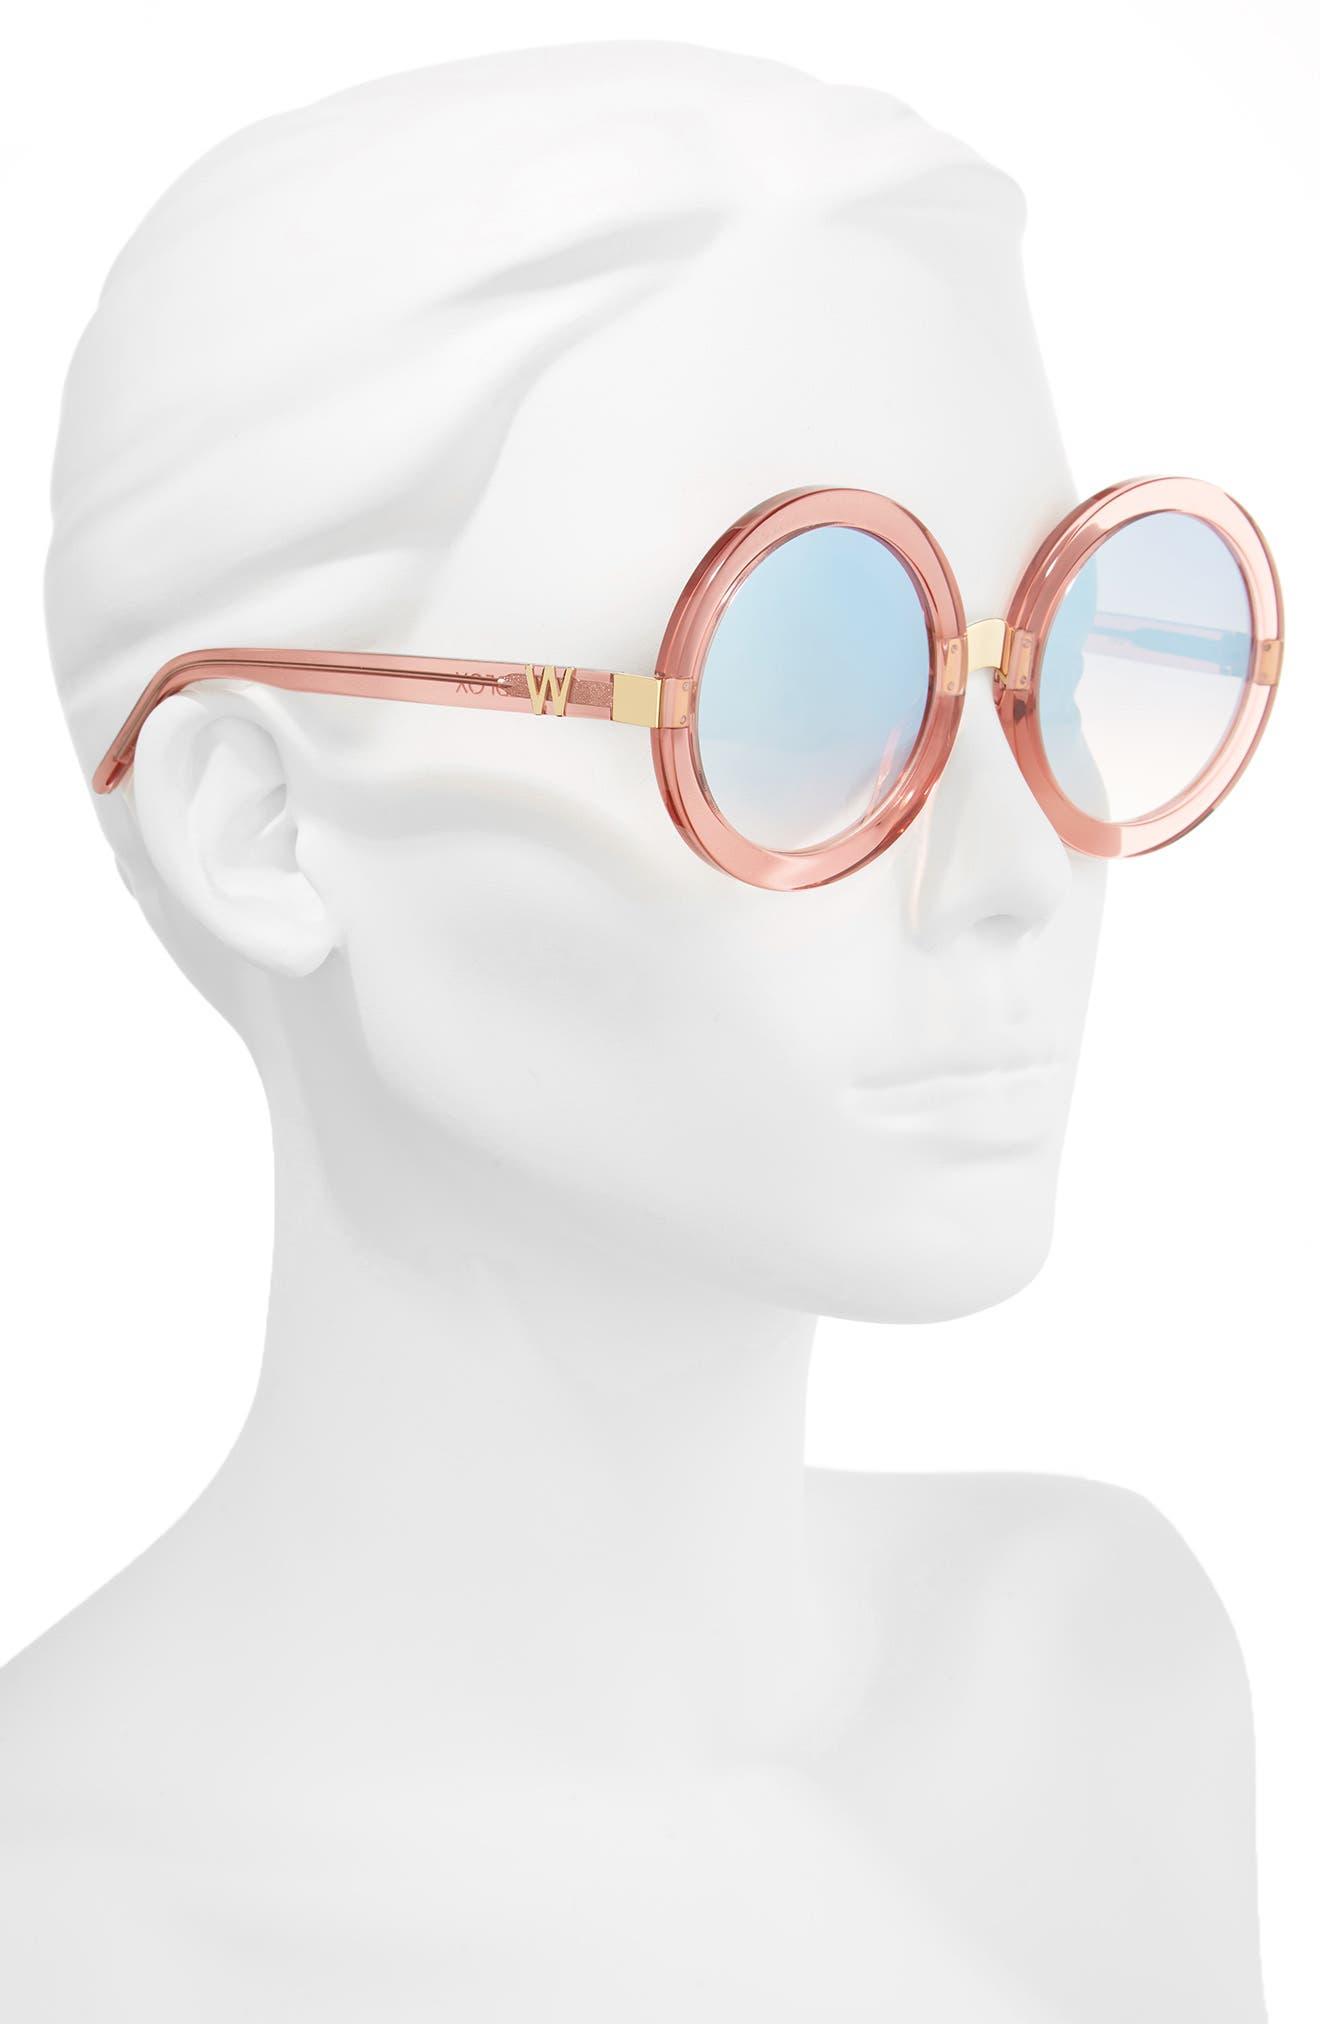 'Malibu Deluxe' 55mm Retro Sunglasses,                             Alternate thumbnail 2, color,                             Rosewater/ Silver Mirror